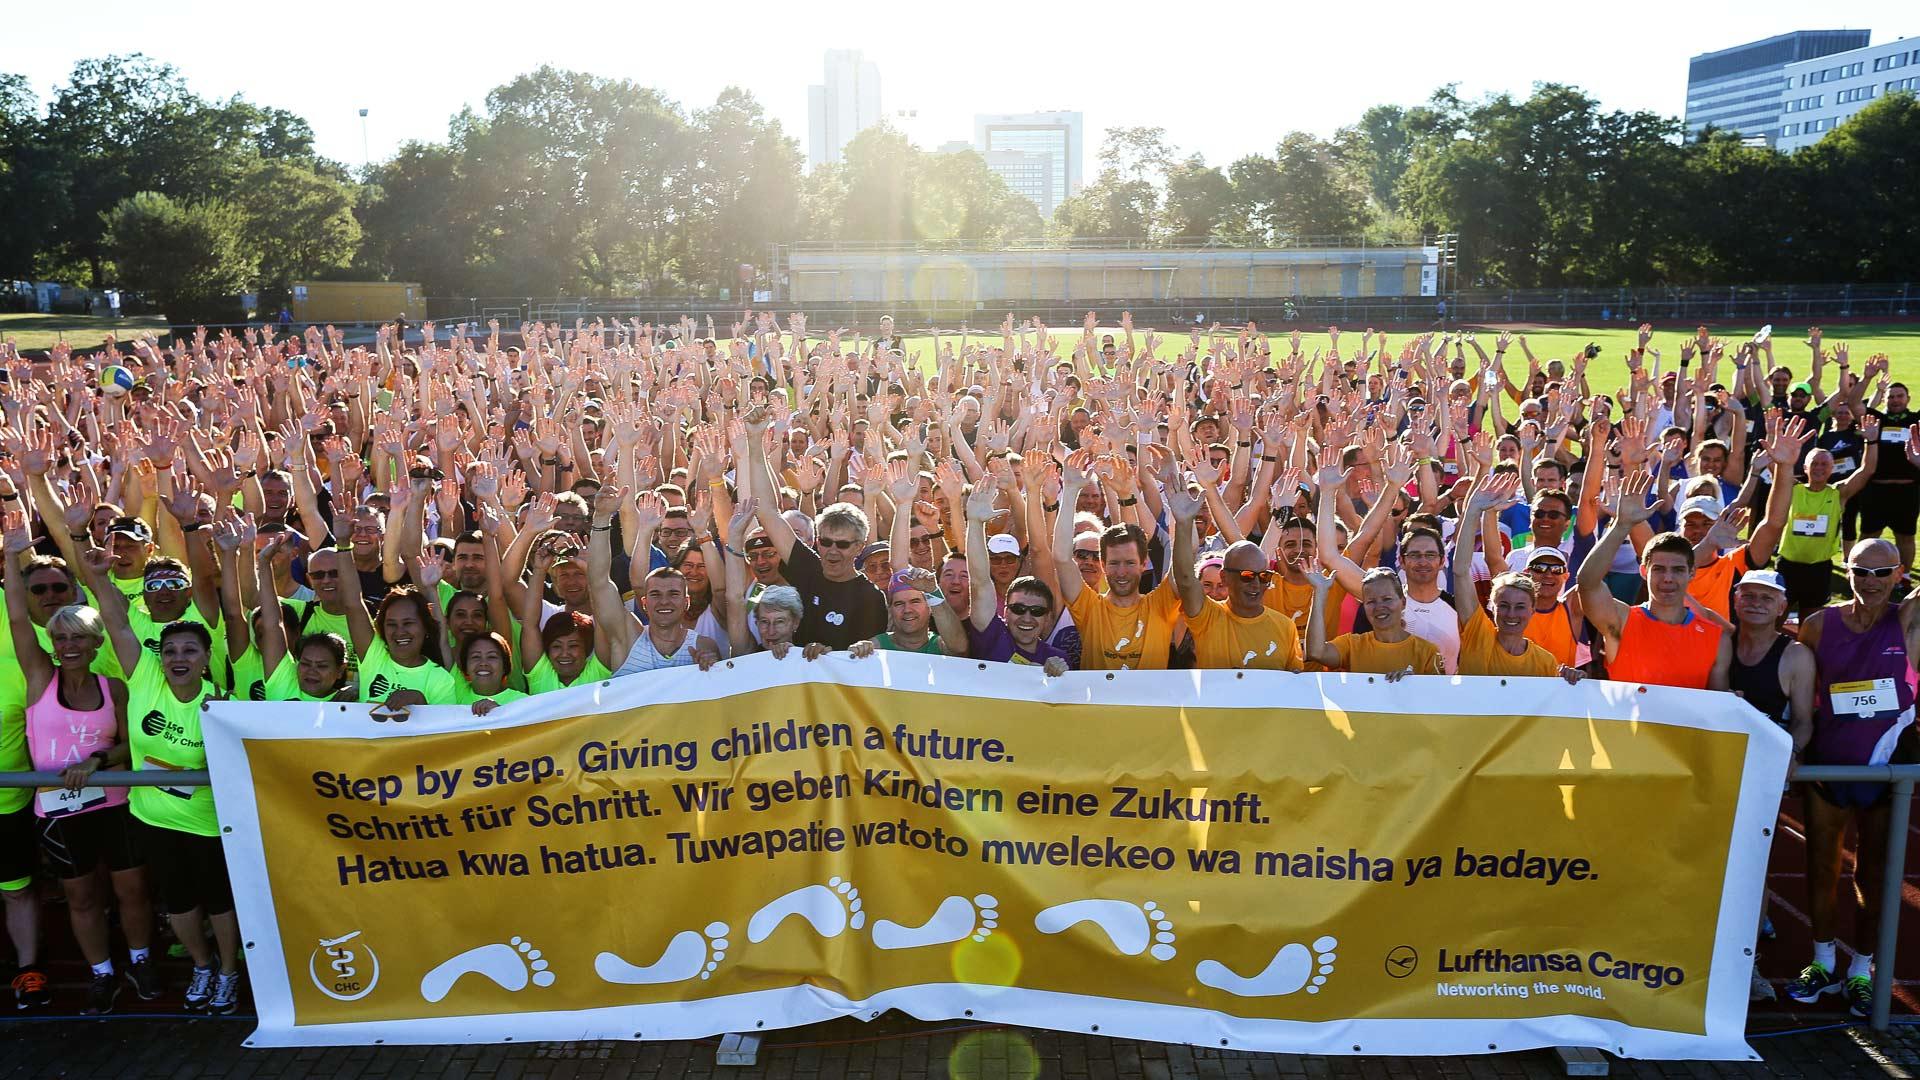 Gruppenfoto vom Bürostadtlauf vor untergehender Sonne mit Banner des Vereins